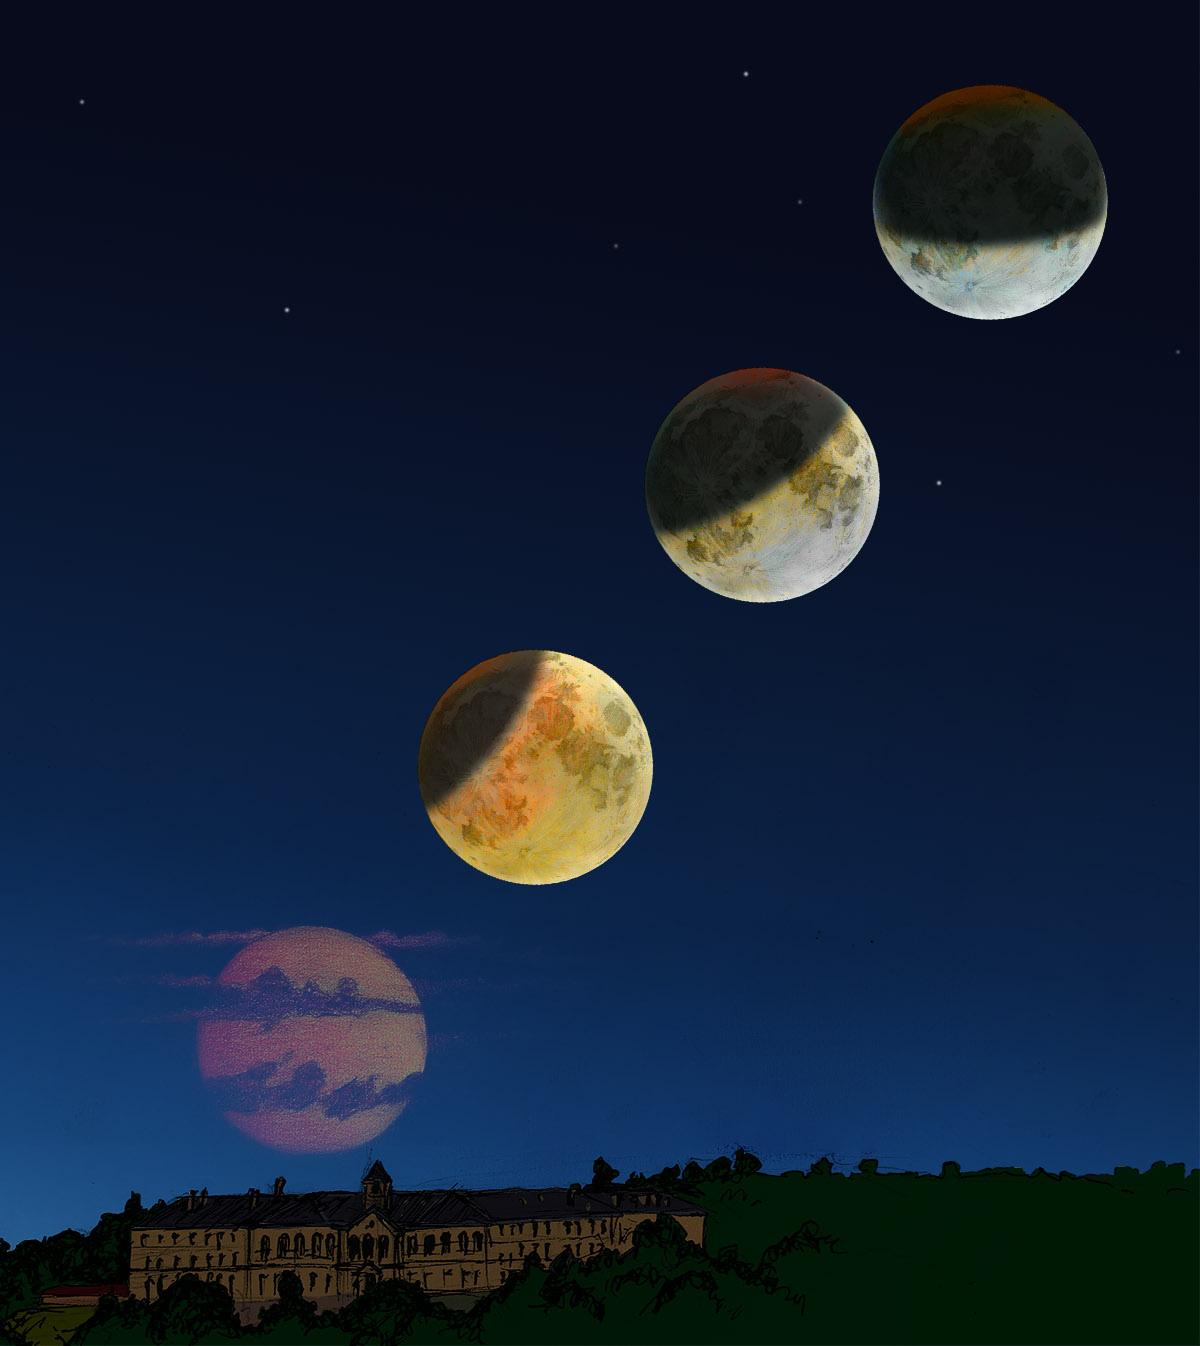 Lune_19_07.jpg.f8799b873c0ee79da840580ce348c1bb.jpg